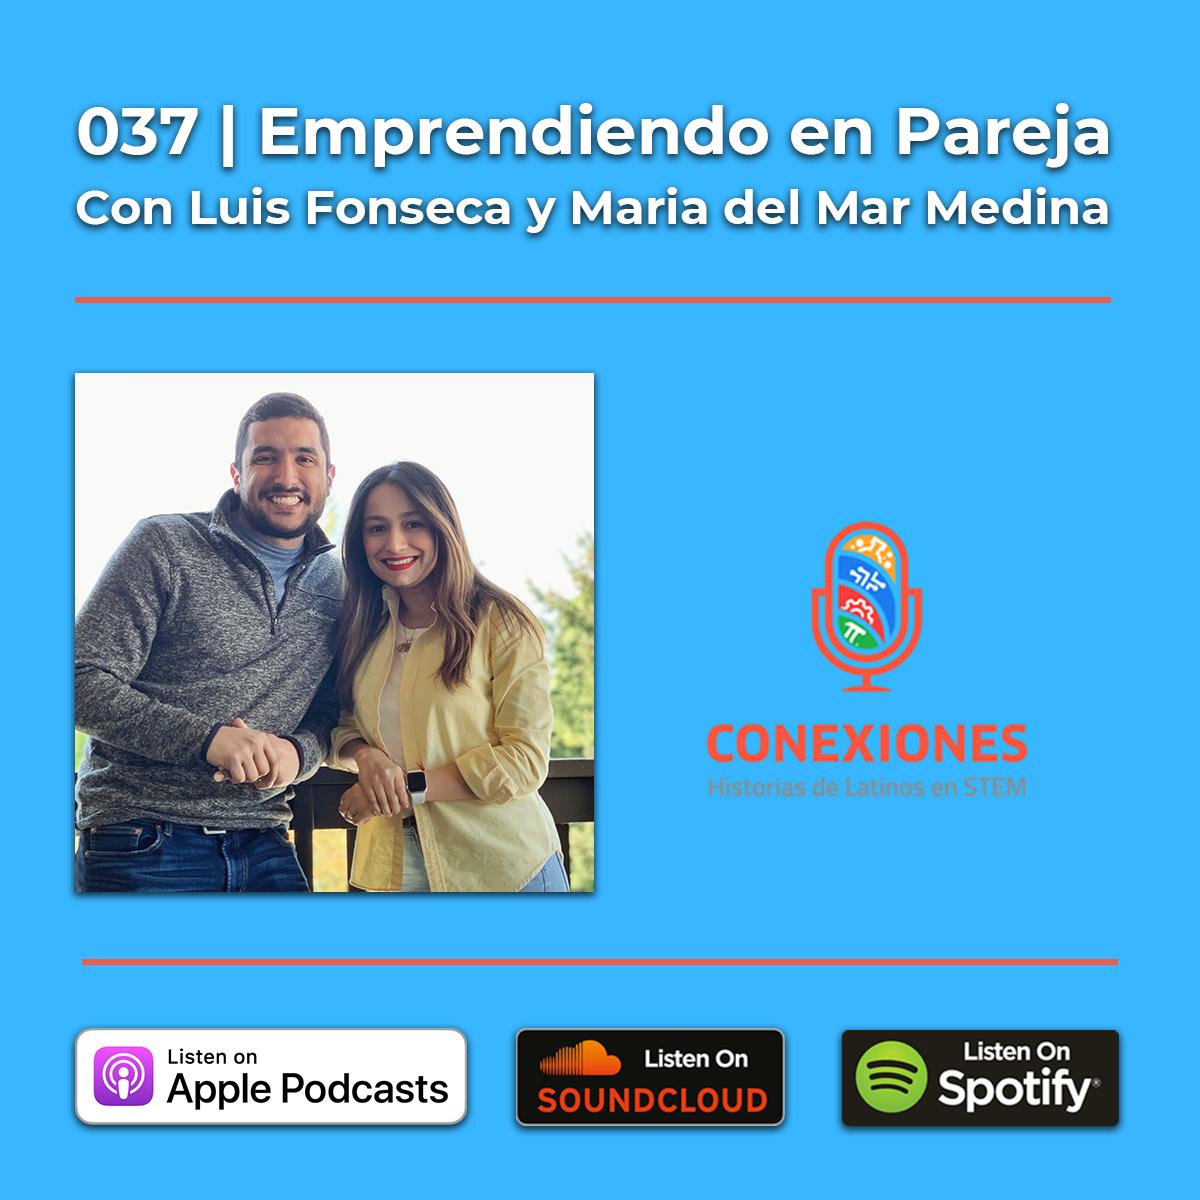 037 | Emprendiendo en Pareja: Con Luis Fonseca y Maria del Mar Medina de SoyRemoto.com